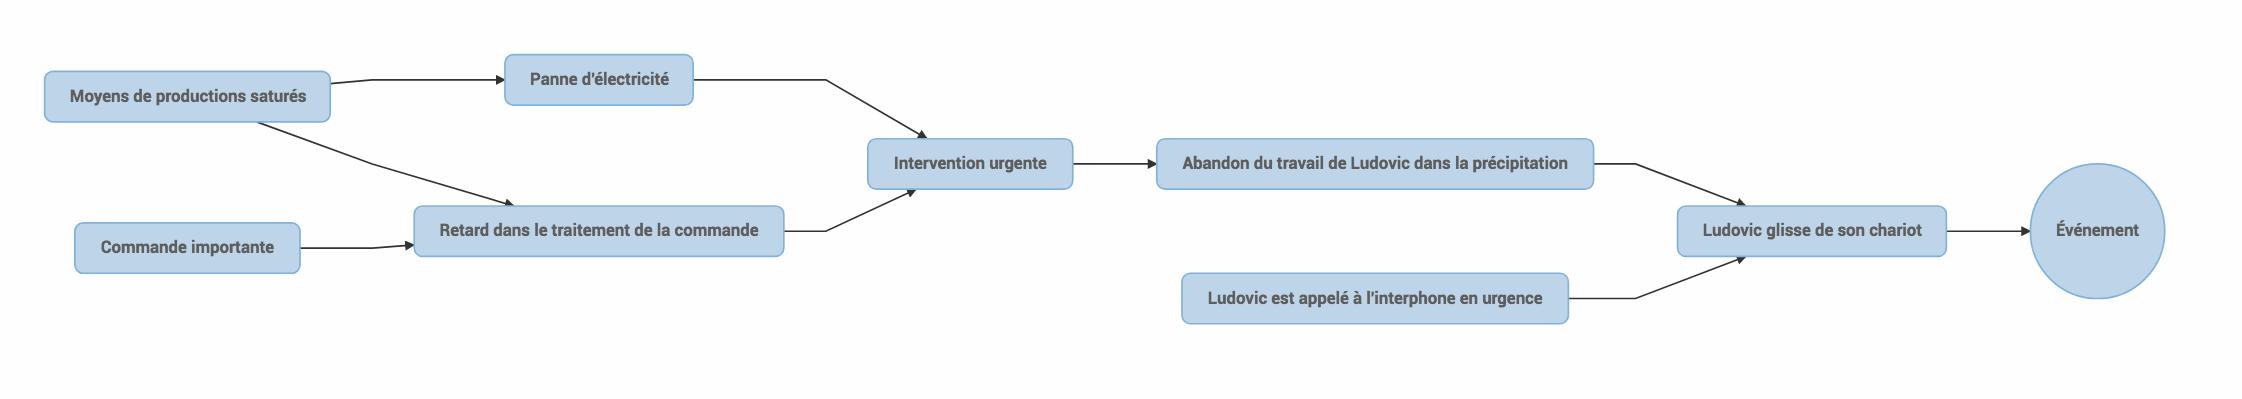 Exemple d'arbre des causes réalisable avec le module événements de WinLassie Online